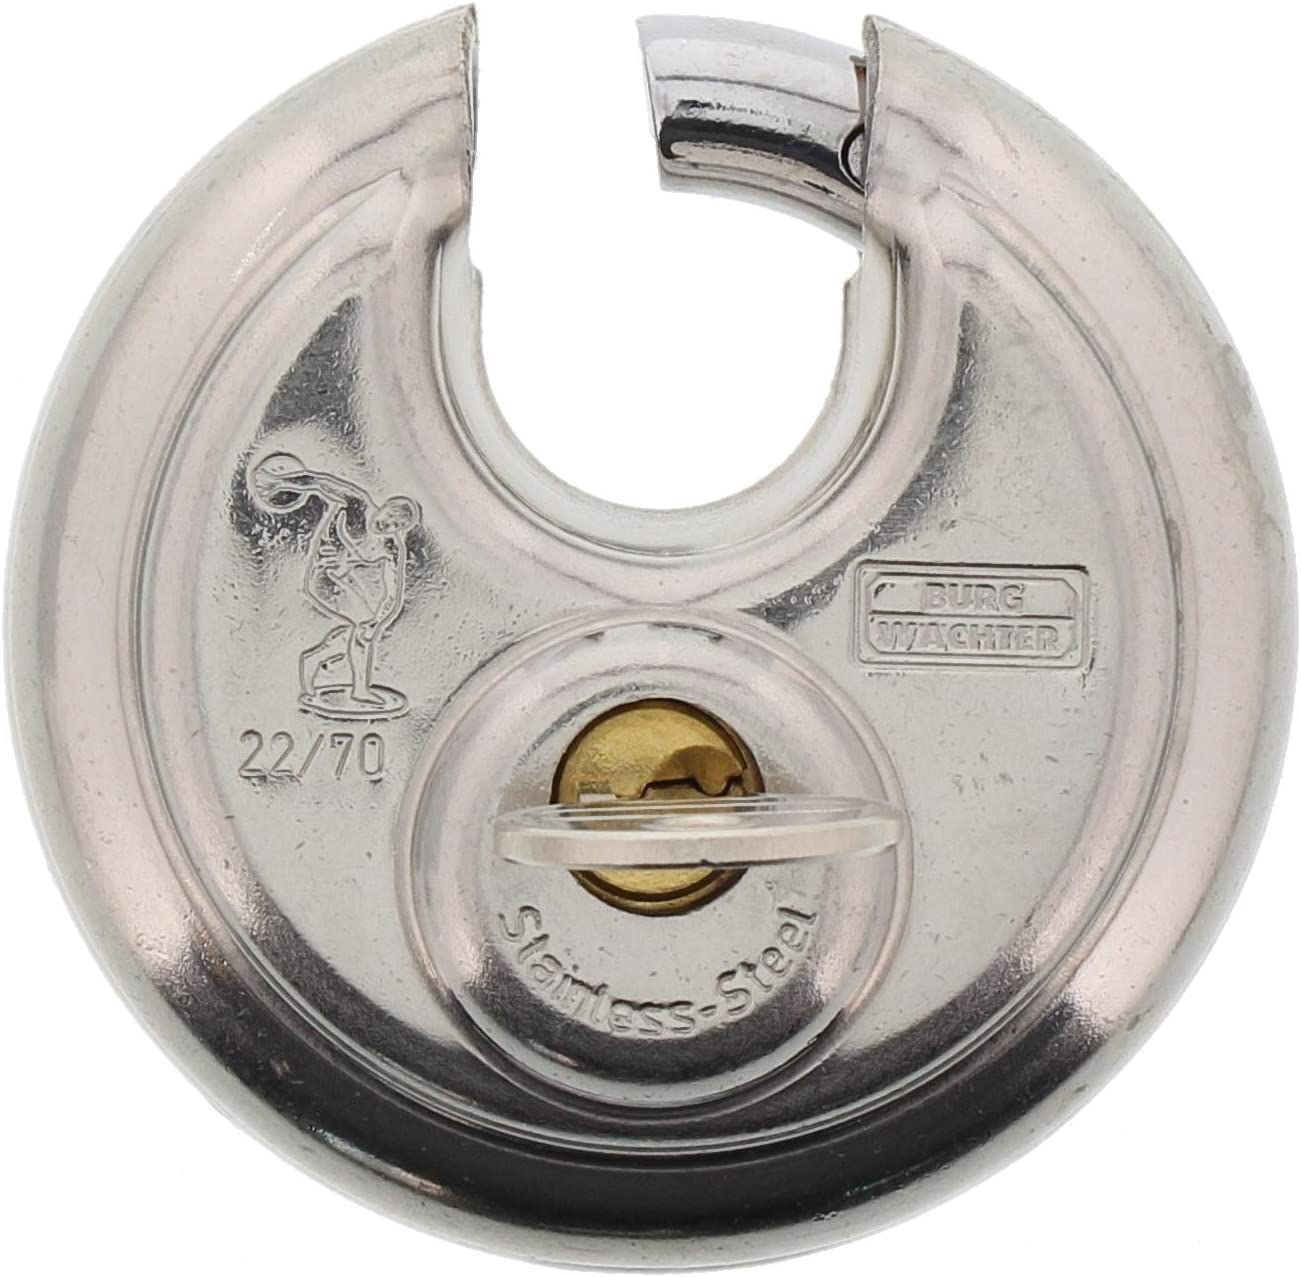 9 mm DEpaisseur dEtrier Circle 21 70 SB 2 Cl/és Incluses Protection Anti-Pincement BURG-W/ÄCHTER Cadenas